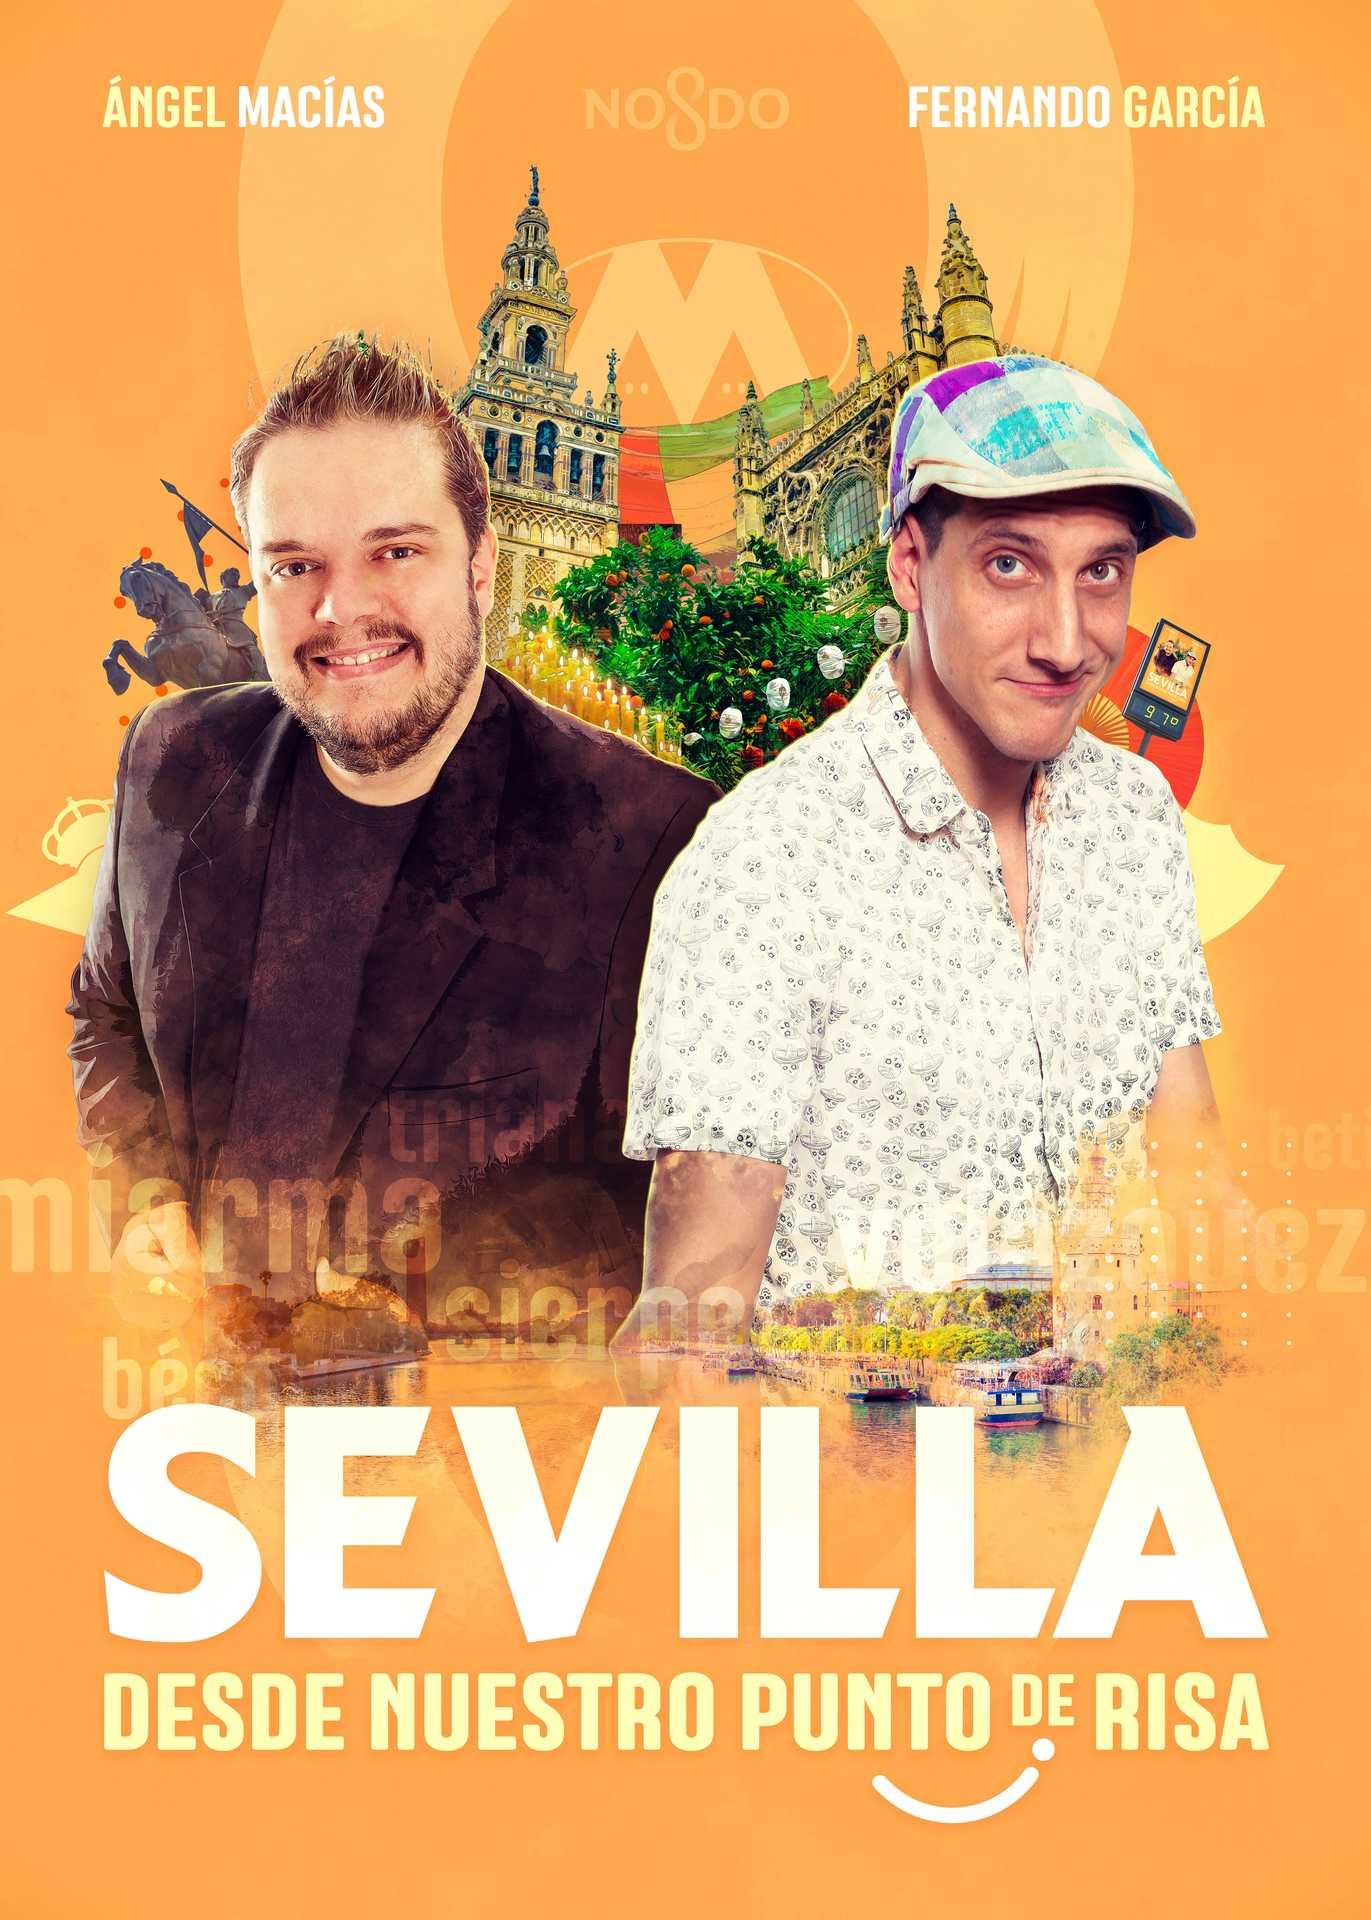 Sevilla desde nuestro punto de risa